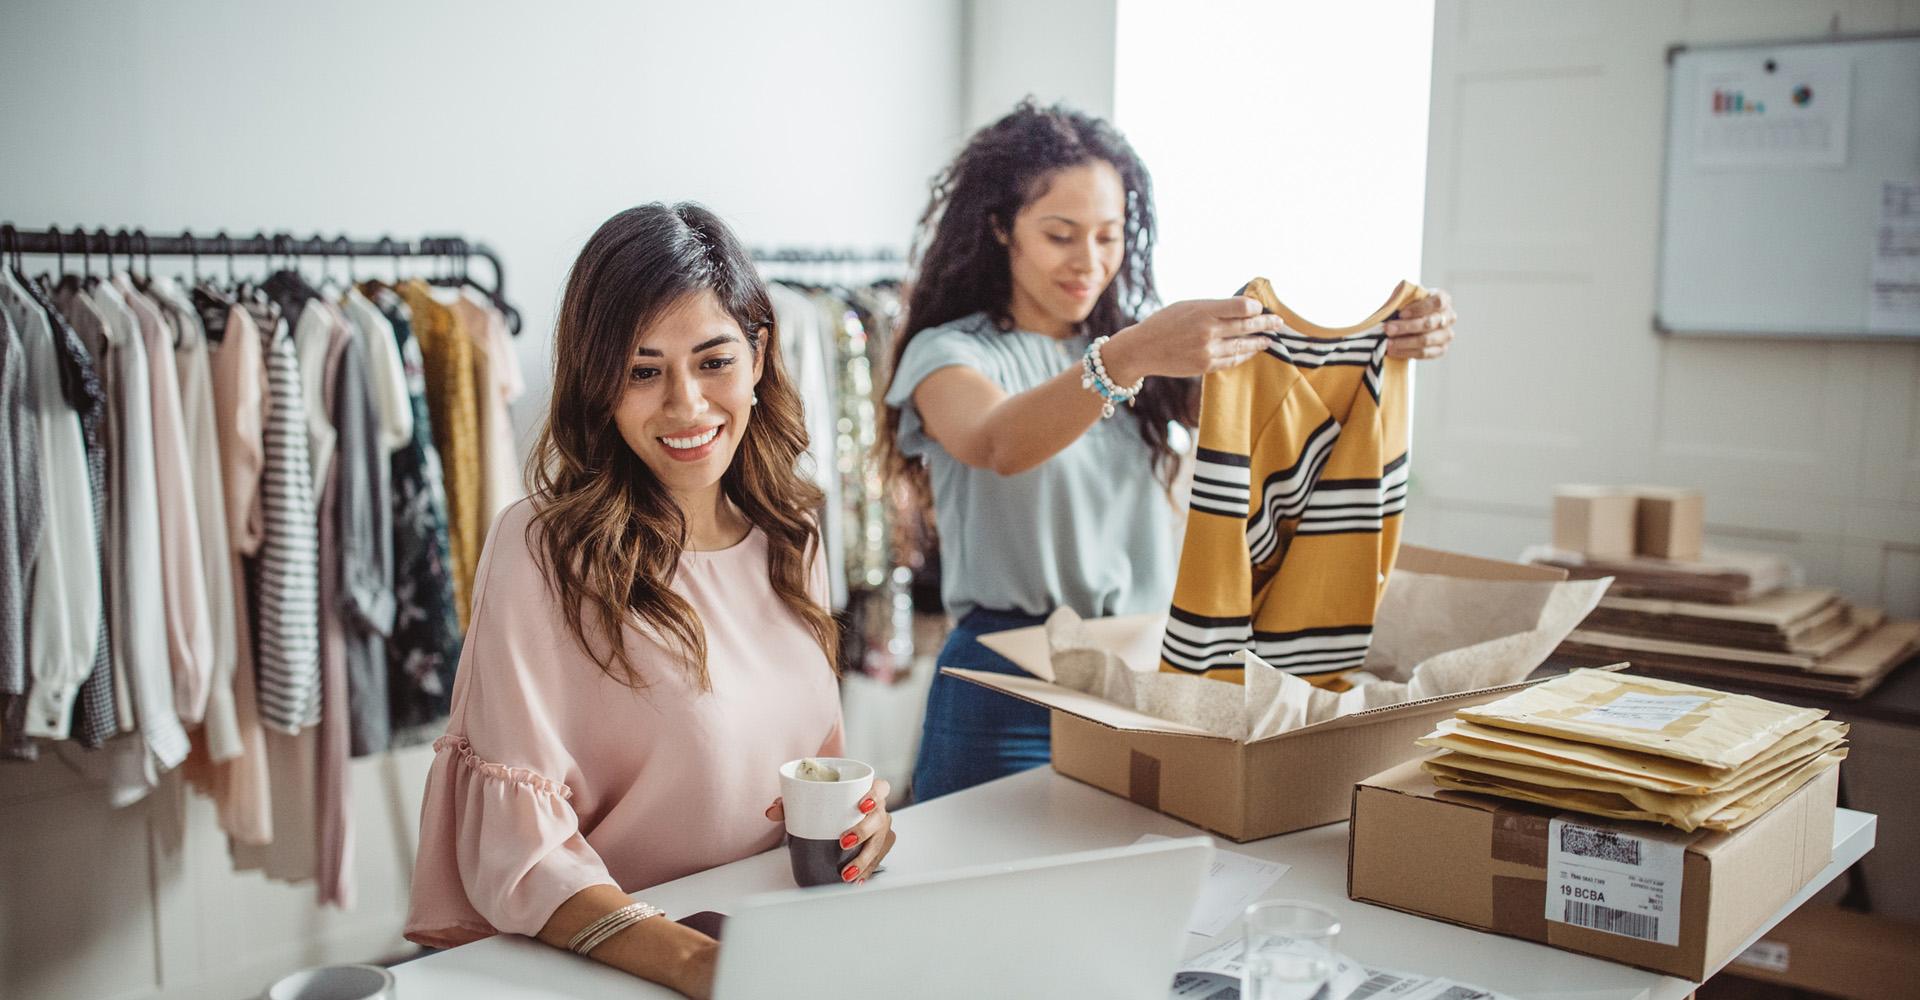 Junge Frauen starten einen eBay-Kleinanzeigen-Shop